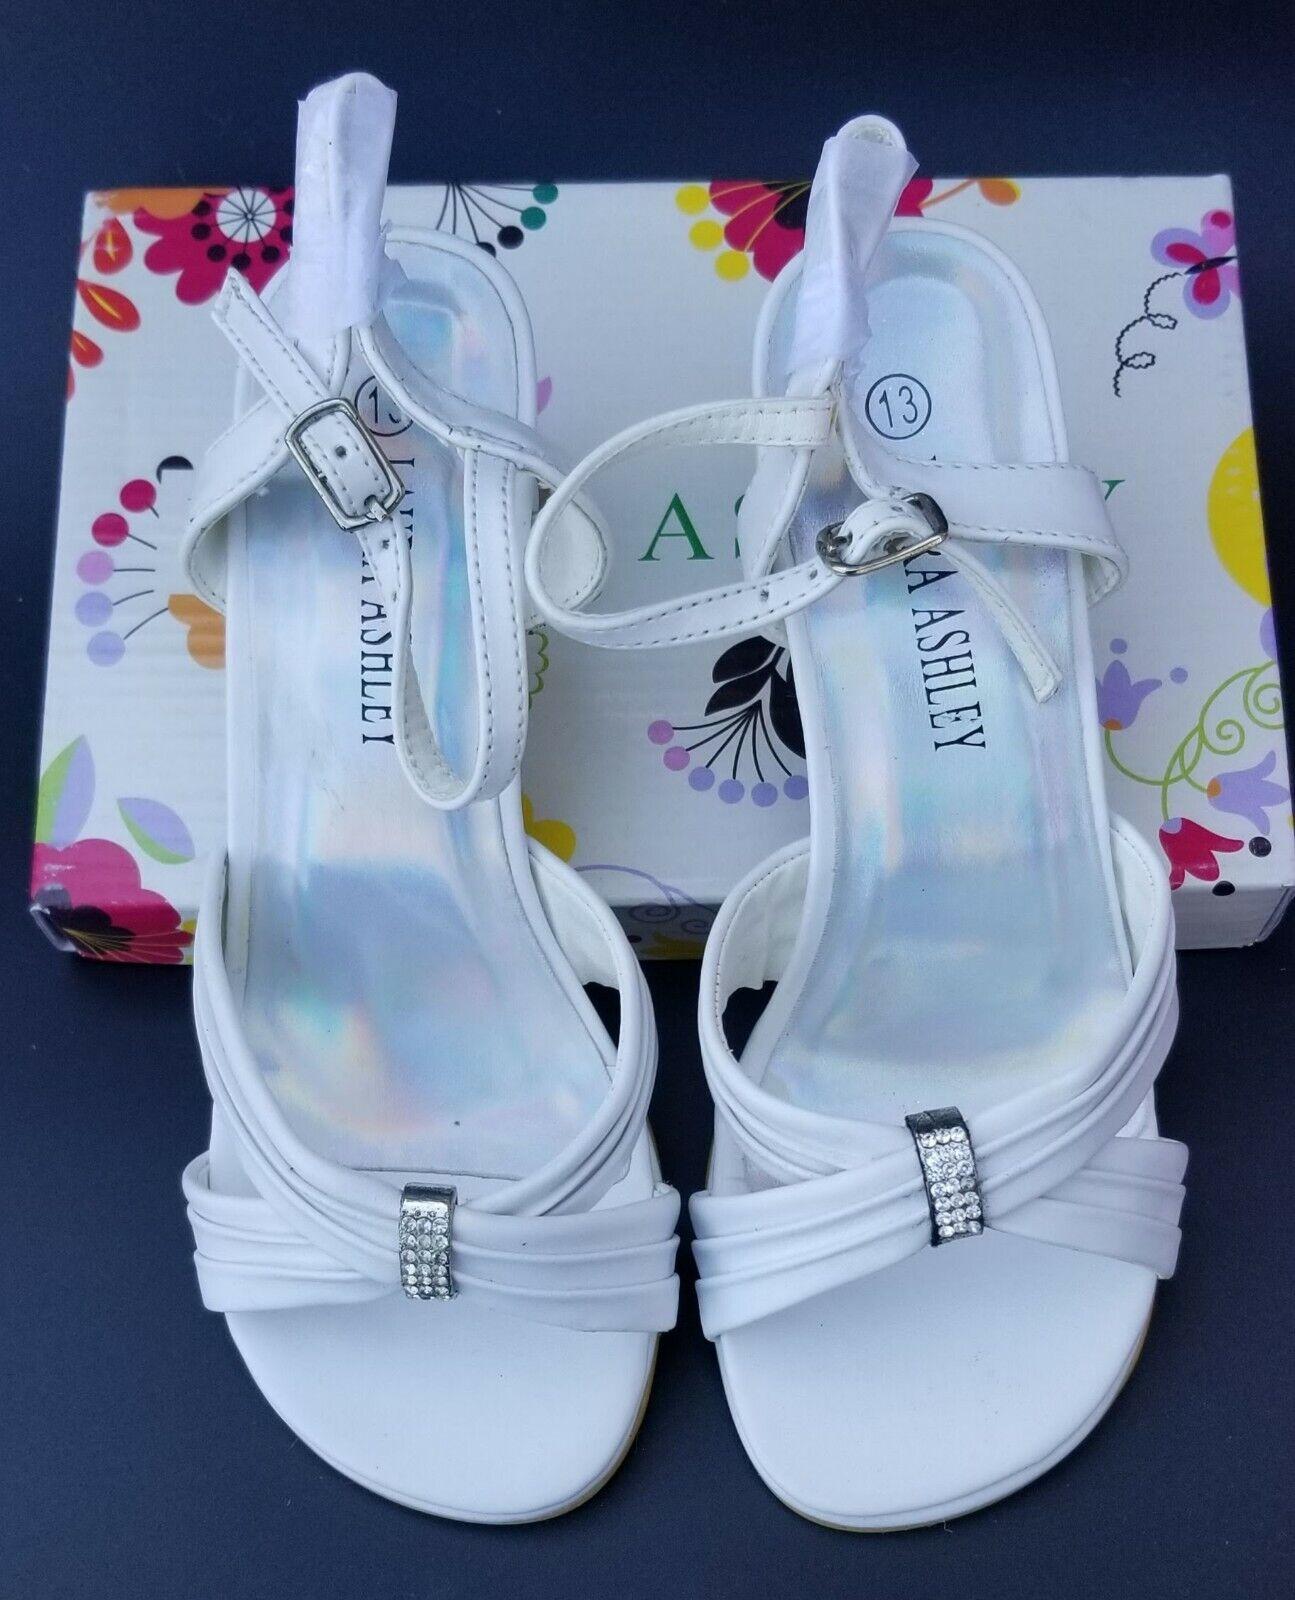 LAURA ASHLEY White Girls Dress Shoes Size 13 Rhinestone Form